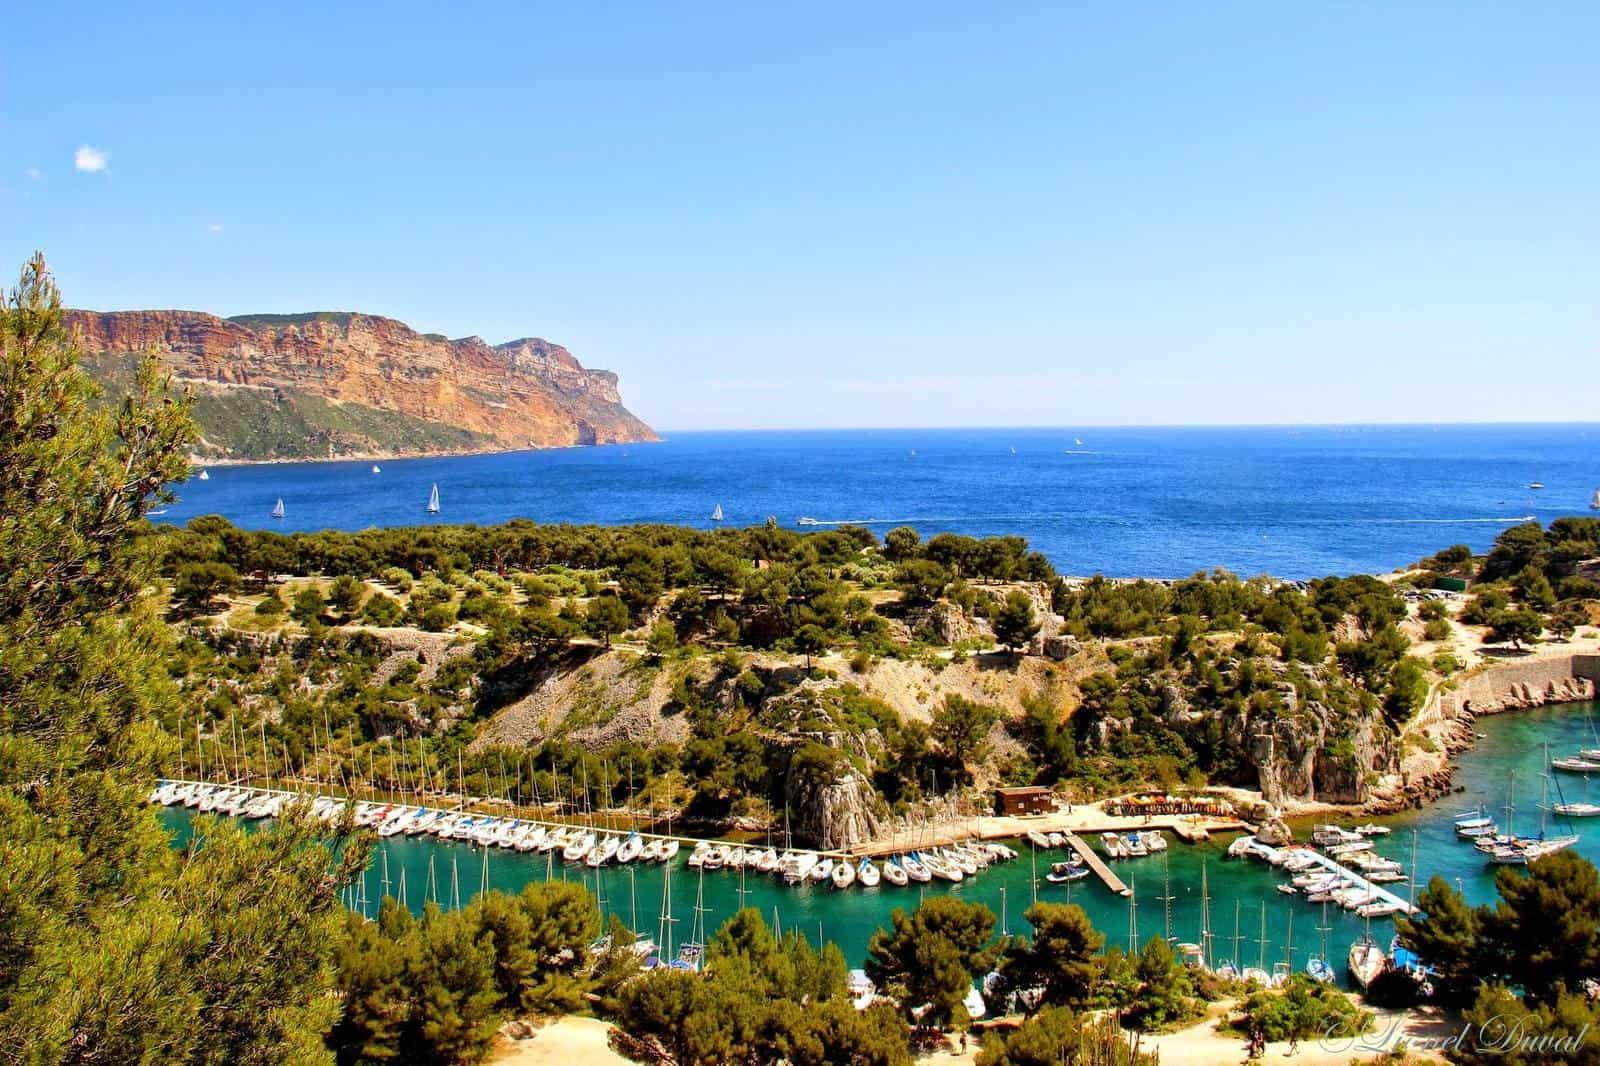 , Découvrez la calanque de Port-Miou et ses 500 voiliers, Made in Marseille